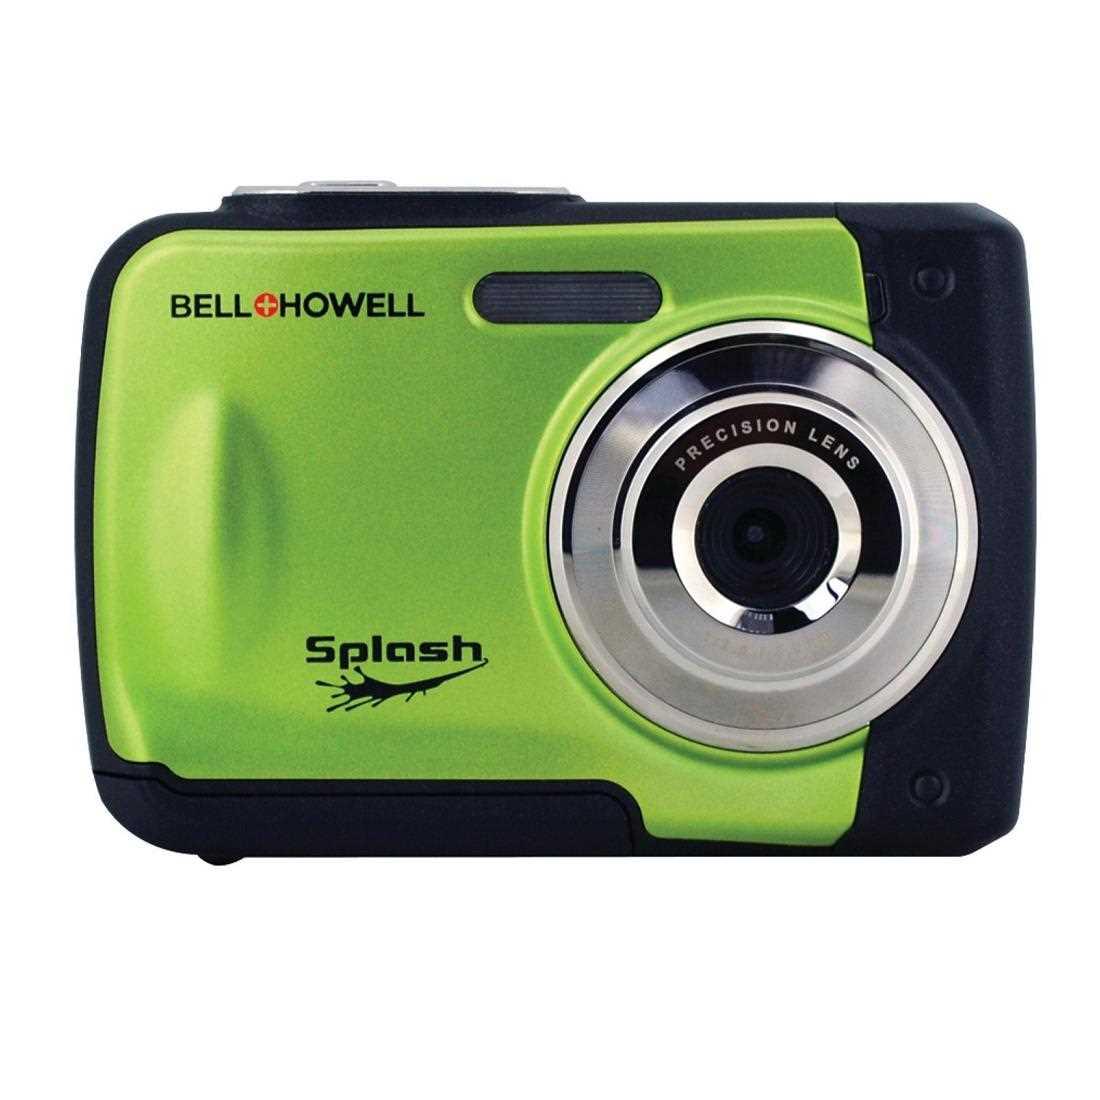 Bell+Howell Splash WP10 Camera